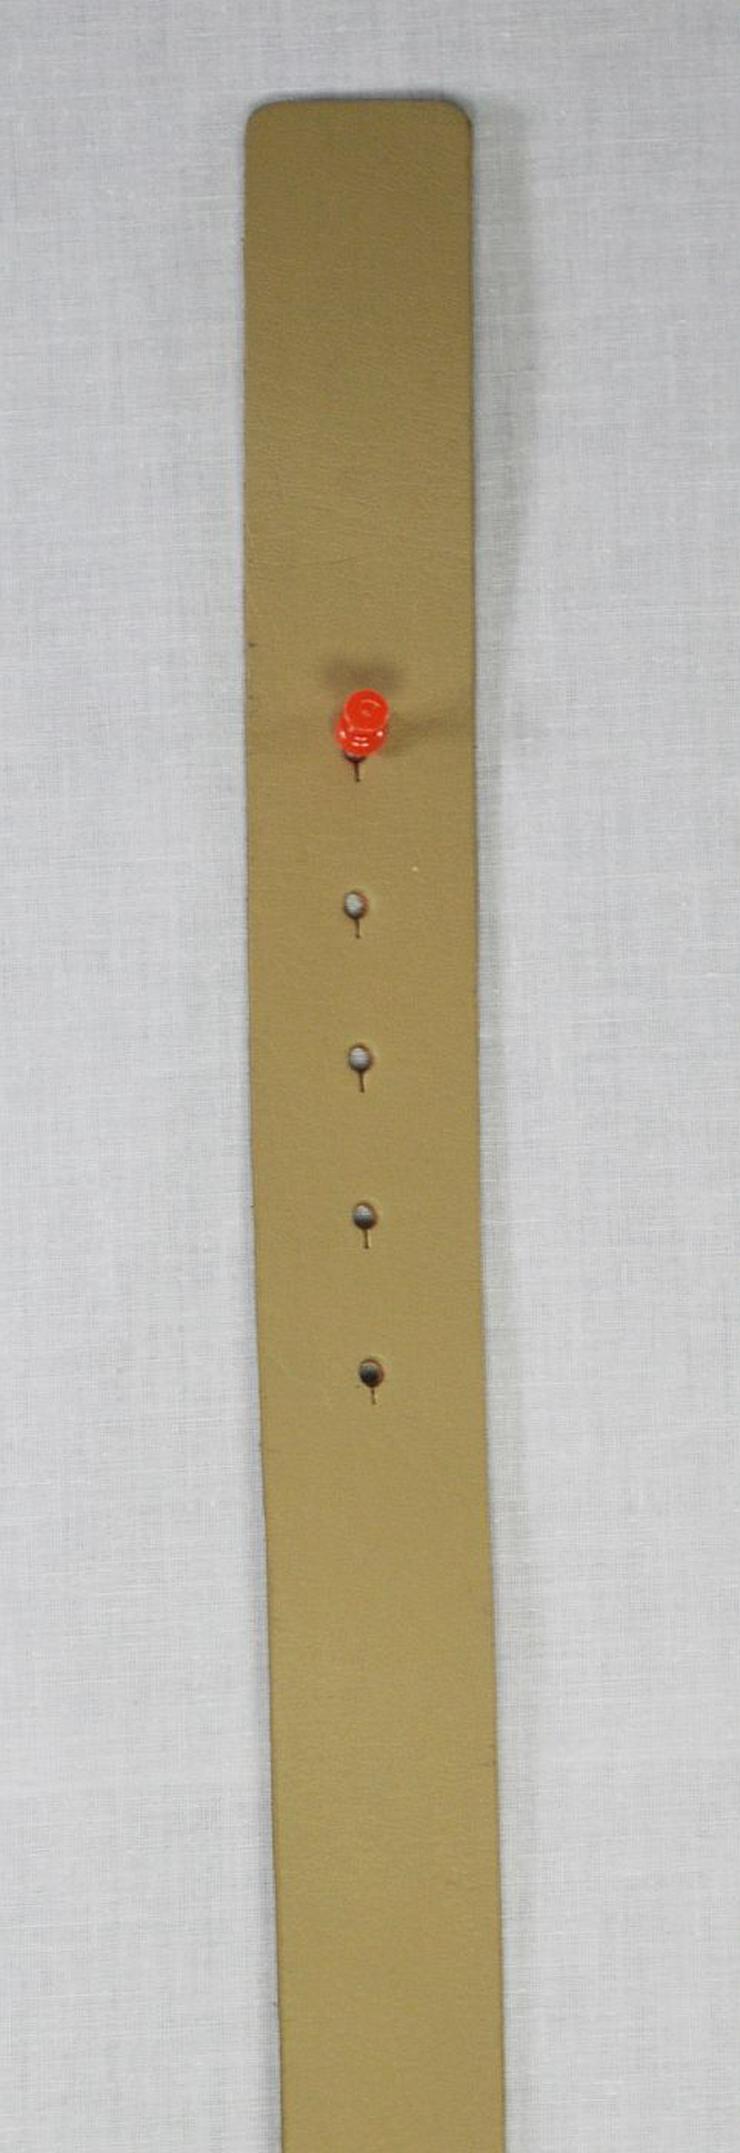 Bild 2: Mexx Gürtel von 90 cm bis 100 cm Marken Gürtel 49111501